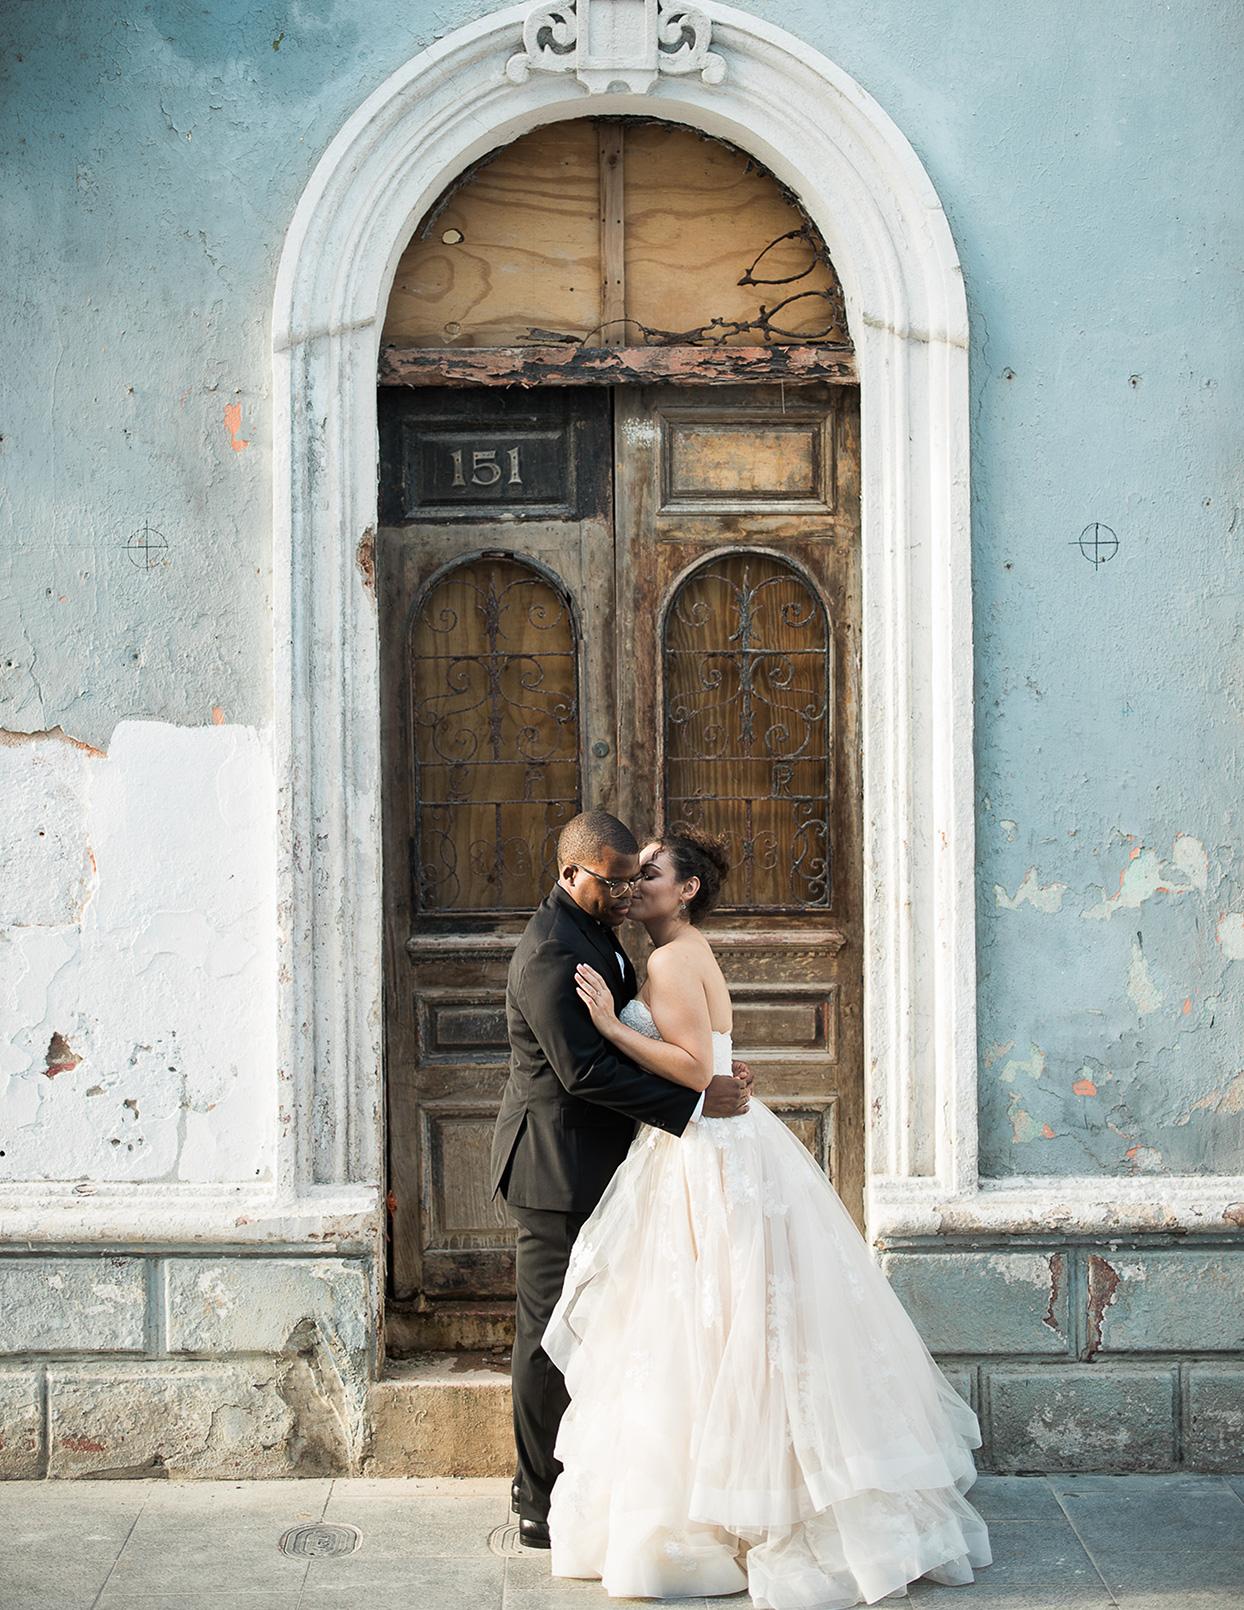 victoria tk wedding couple in front of door